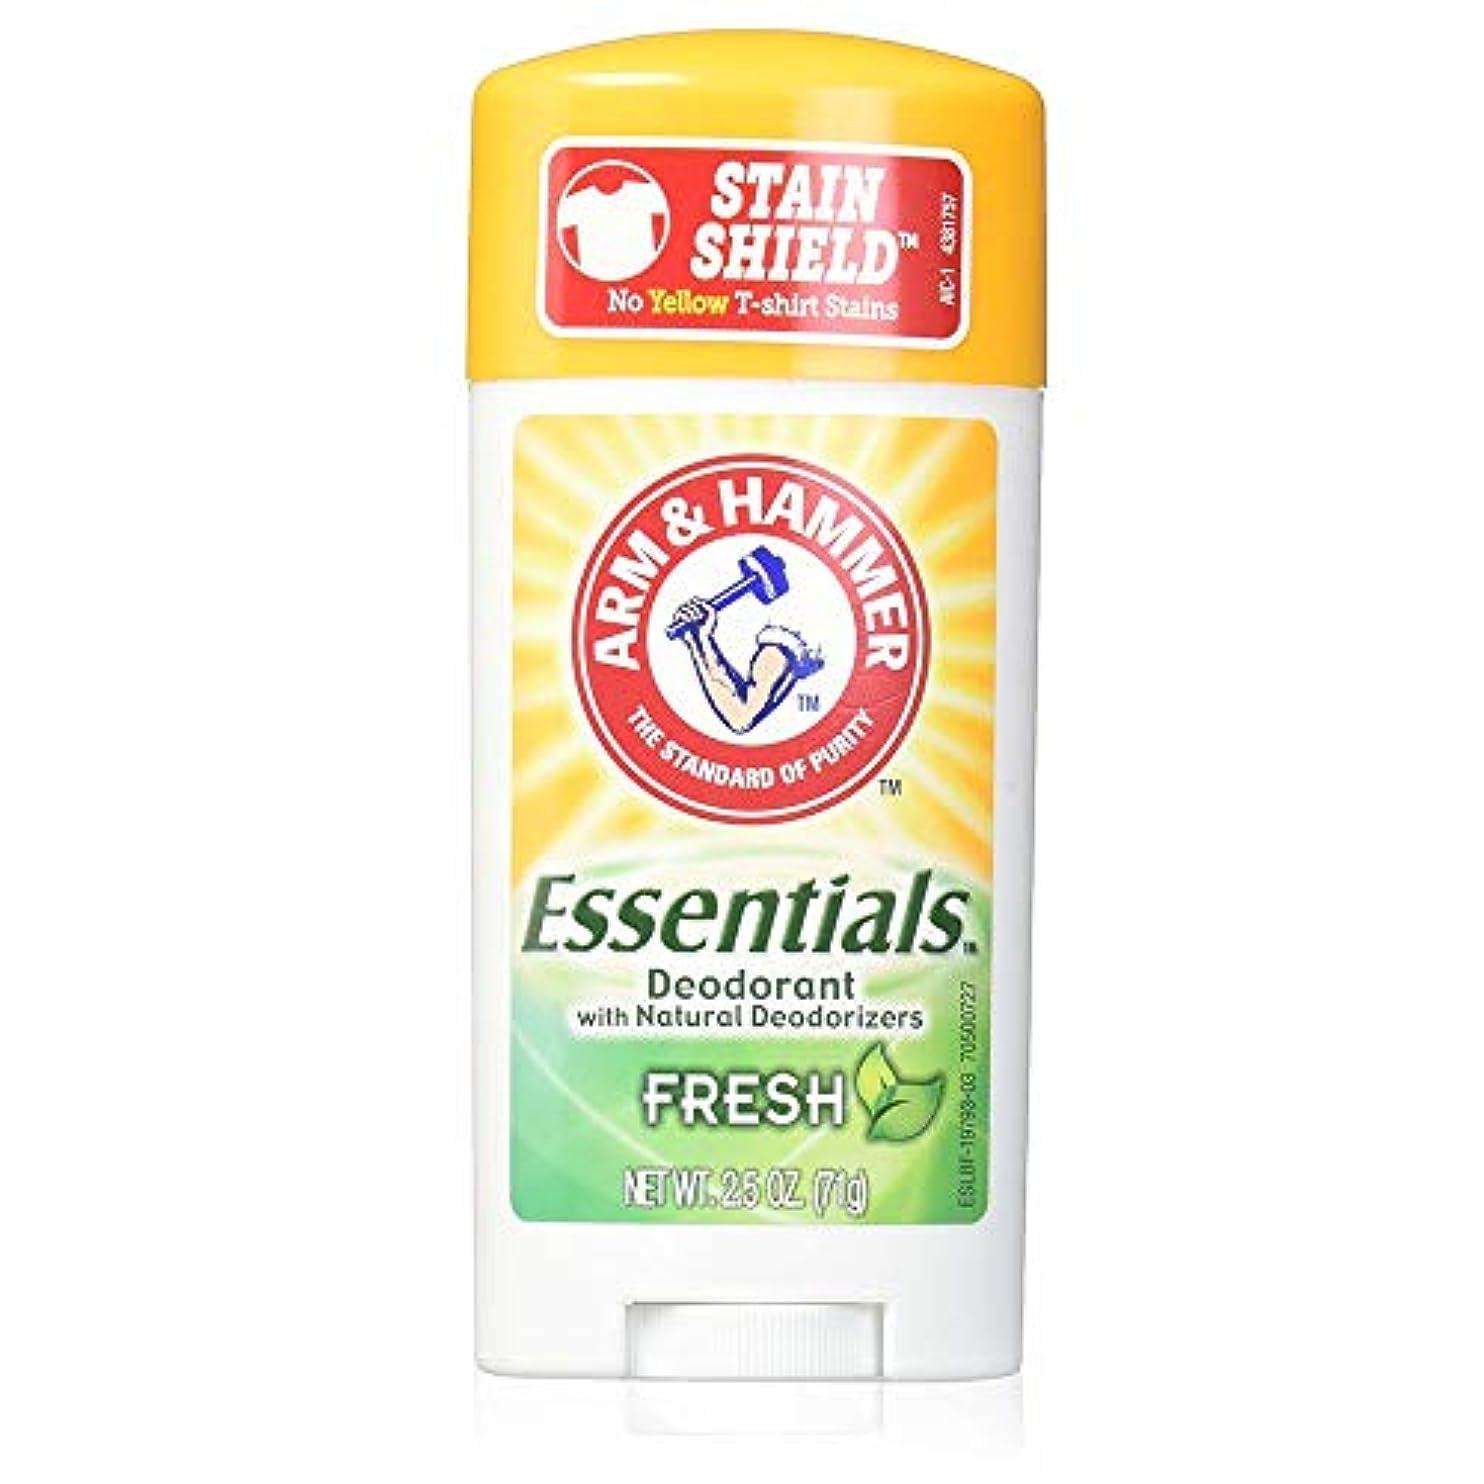 艶刻む青写真アーム&ハマー デオドラント【フレッシュ】制汗剤【お風呂上がりの香り】Arm & Hammer Essentials Natural Deodorant Fresh 71?[並行輸入品]